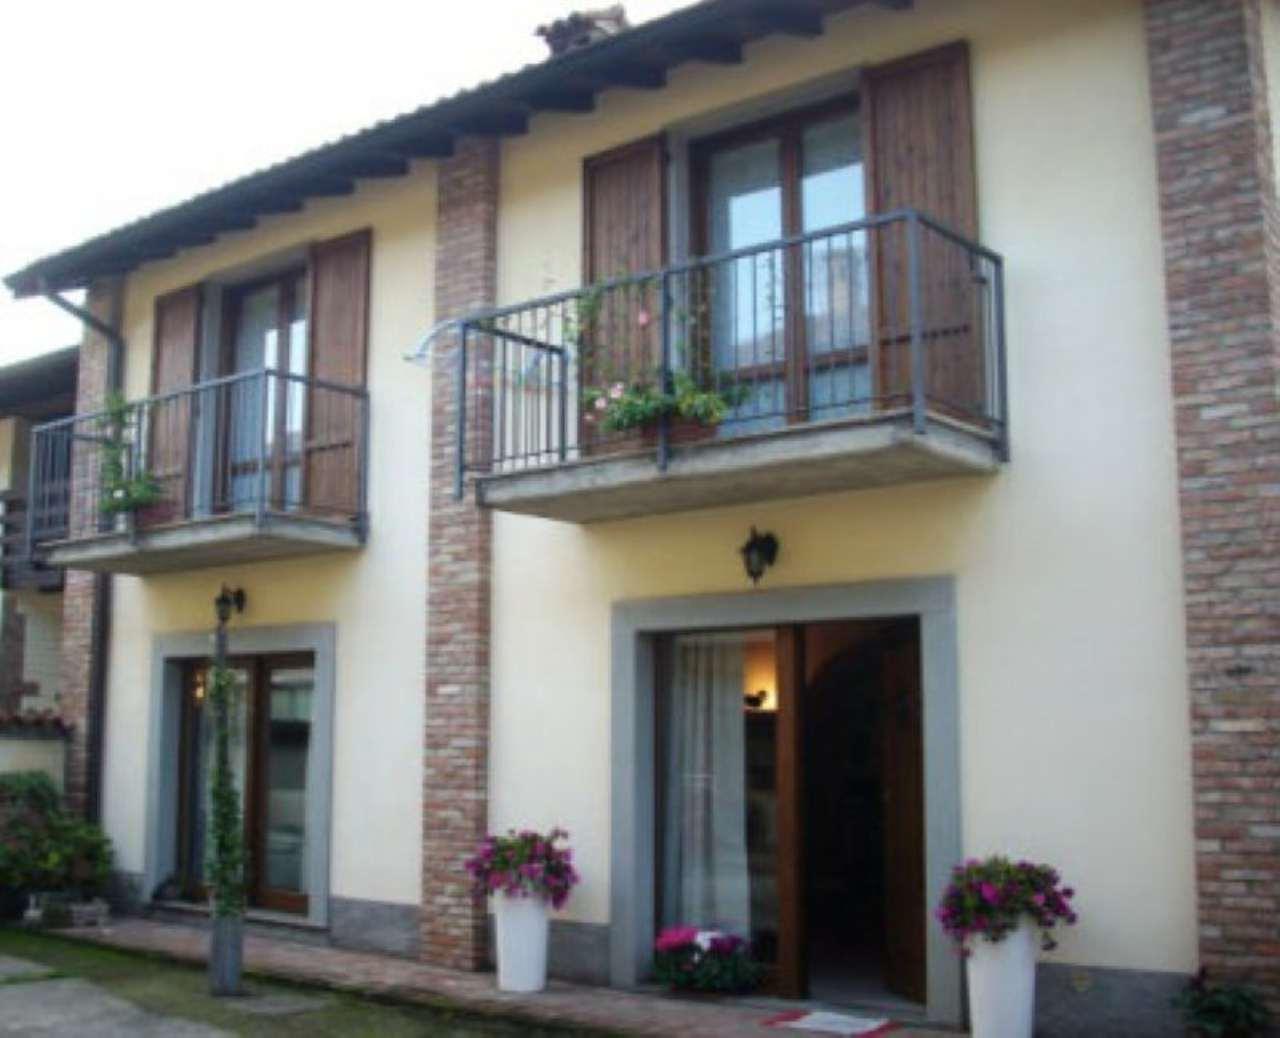 Villa in vendita a Romano di Lombardia, 4 locali, prezzo € 178.000 | Cambio Casa.it